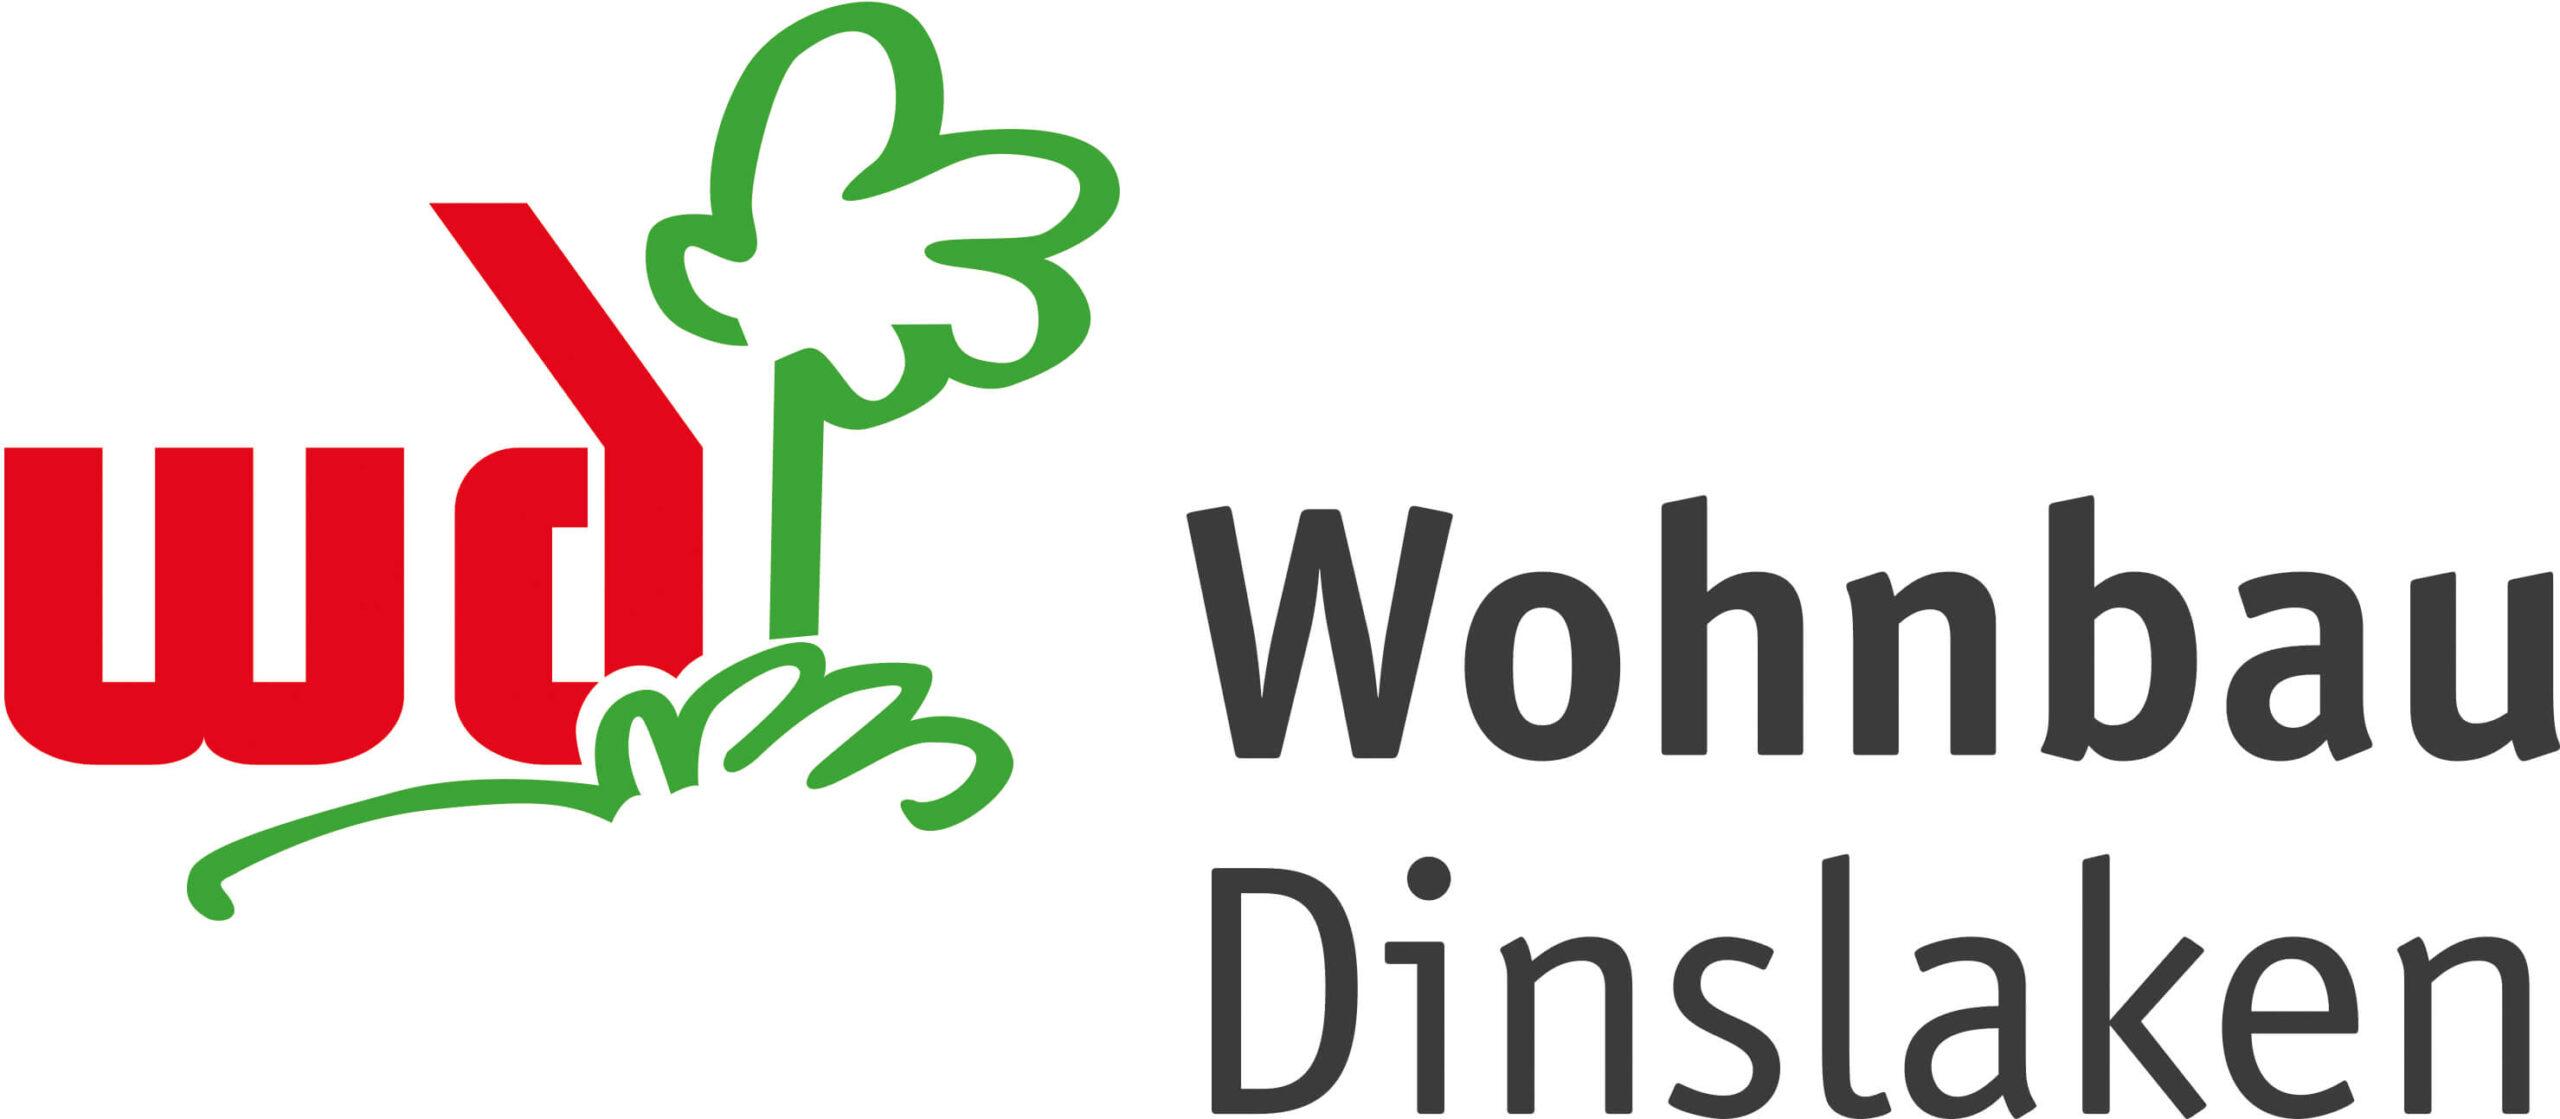 Wohnbau Dinslaken - Logo